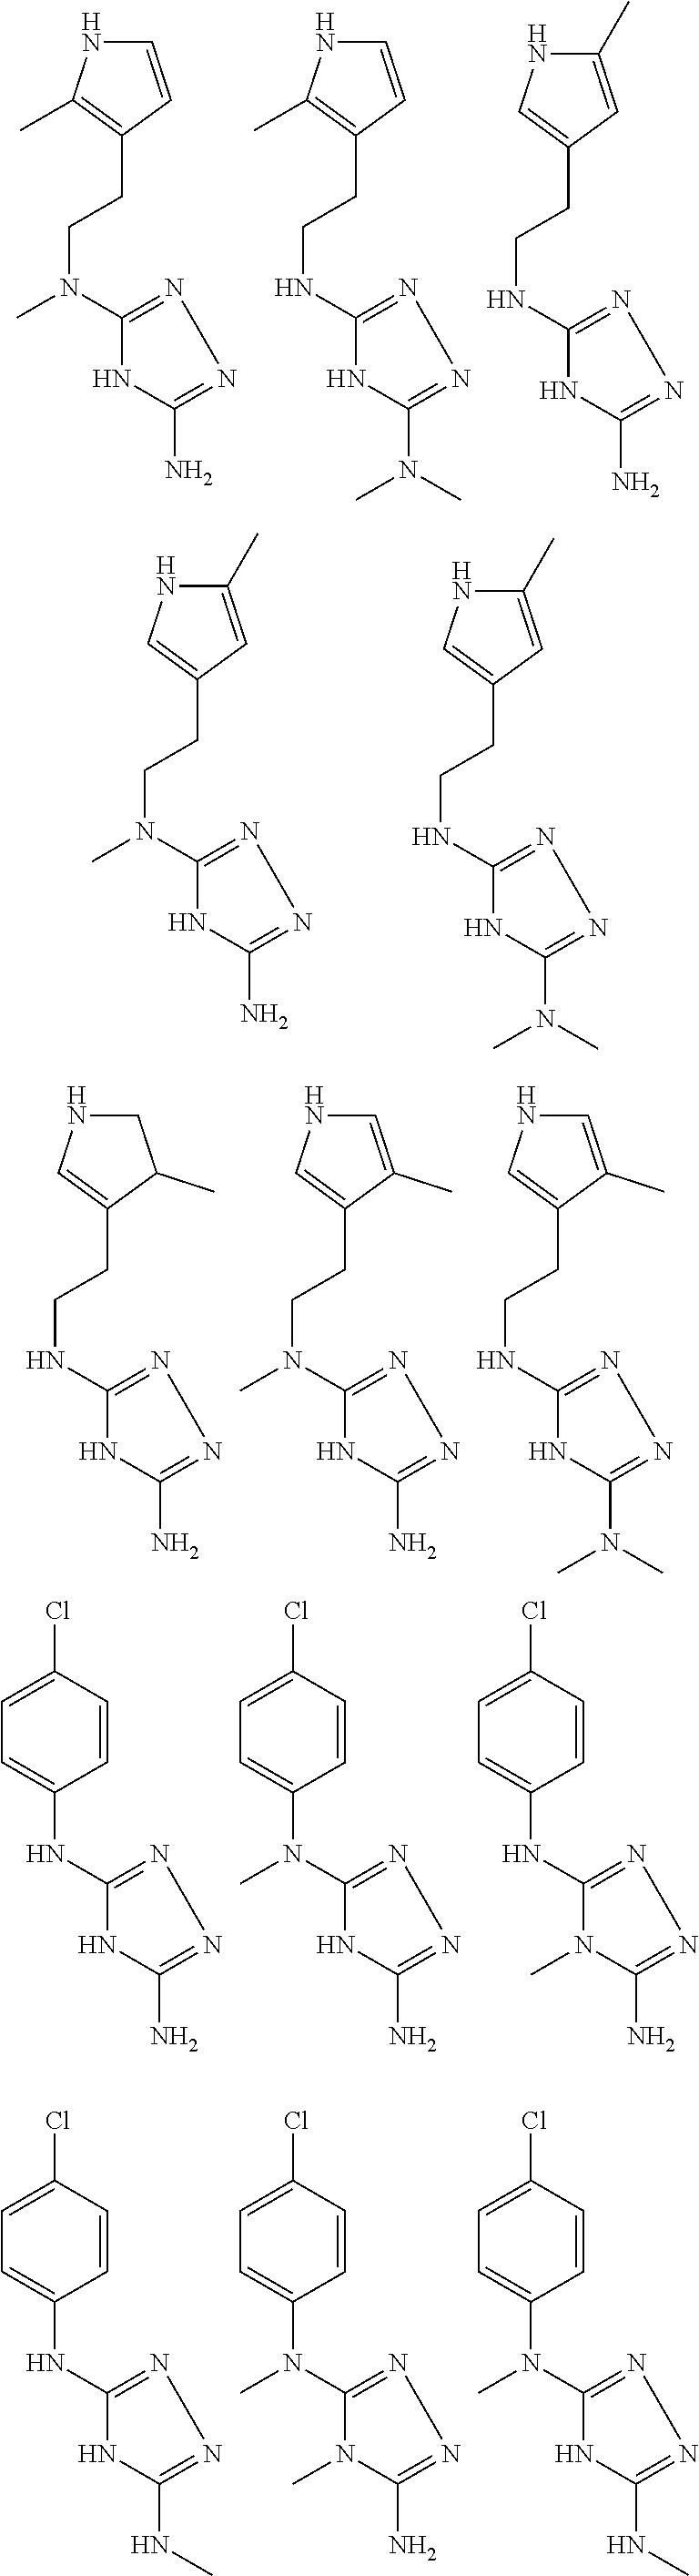 Figure US09480663-20161101-C00090